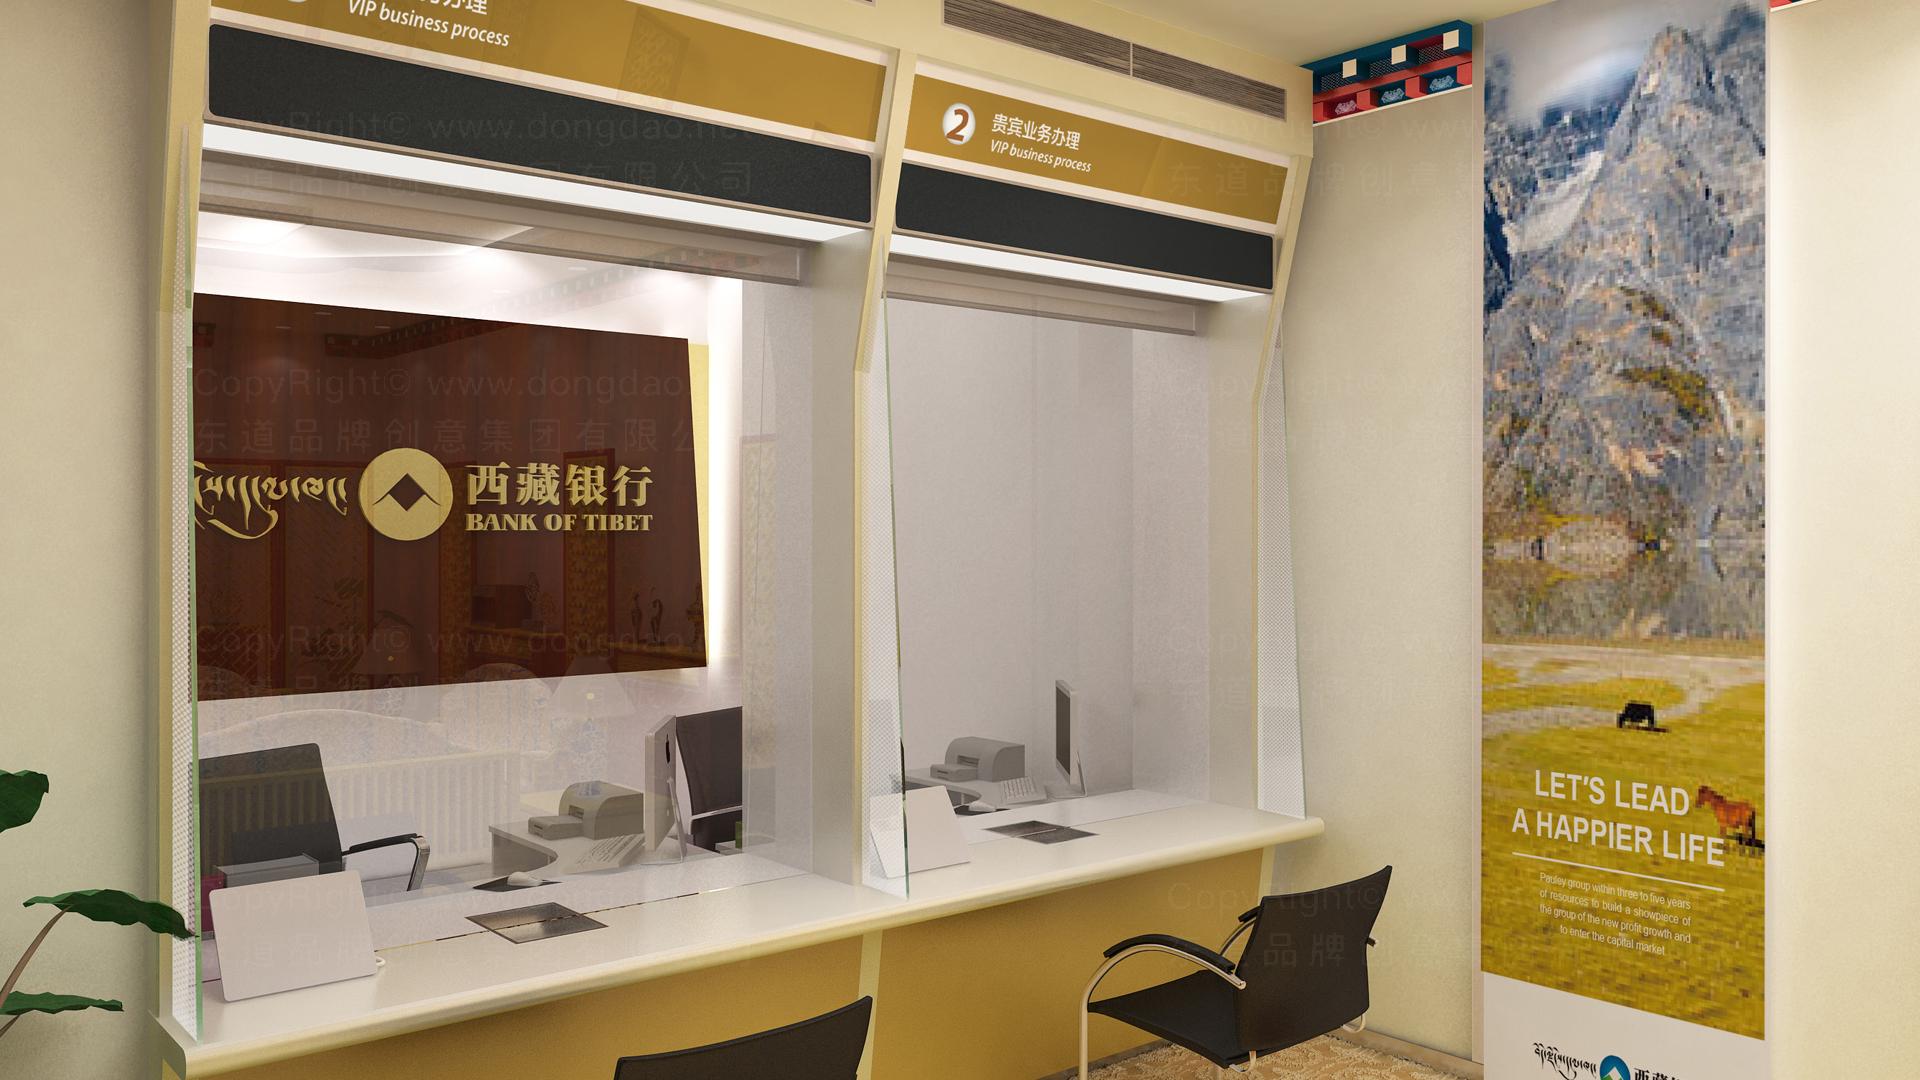 商业空间&导示西藏银行SI设计应用场景_4